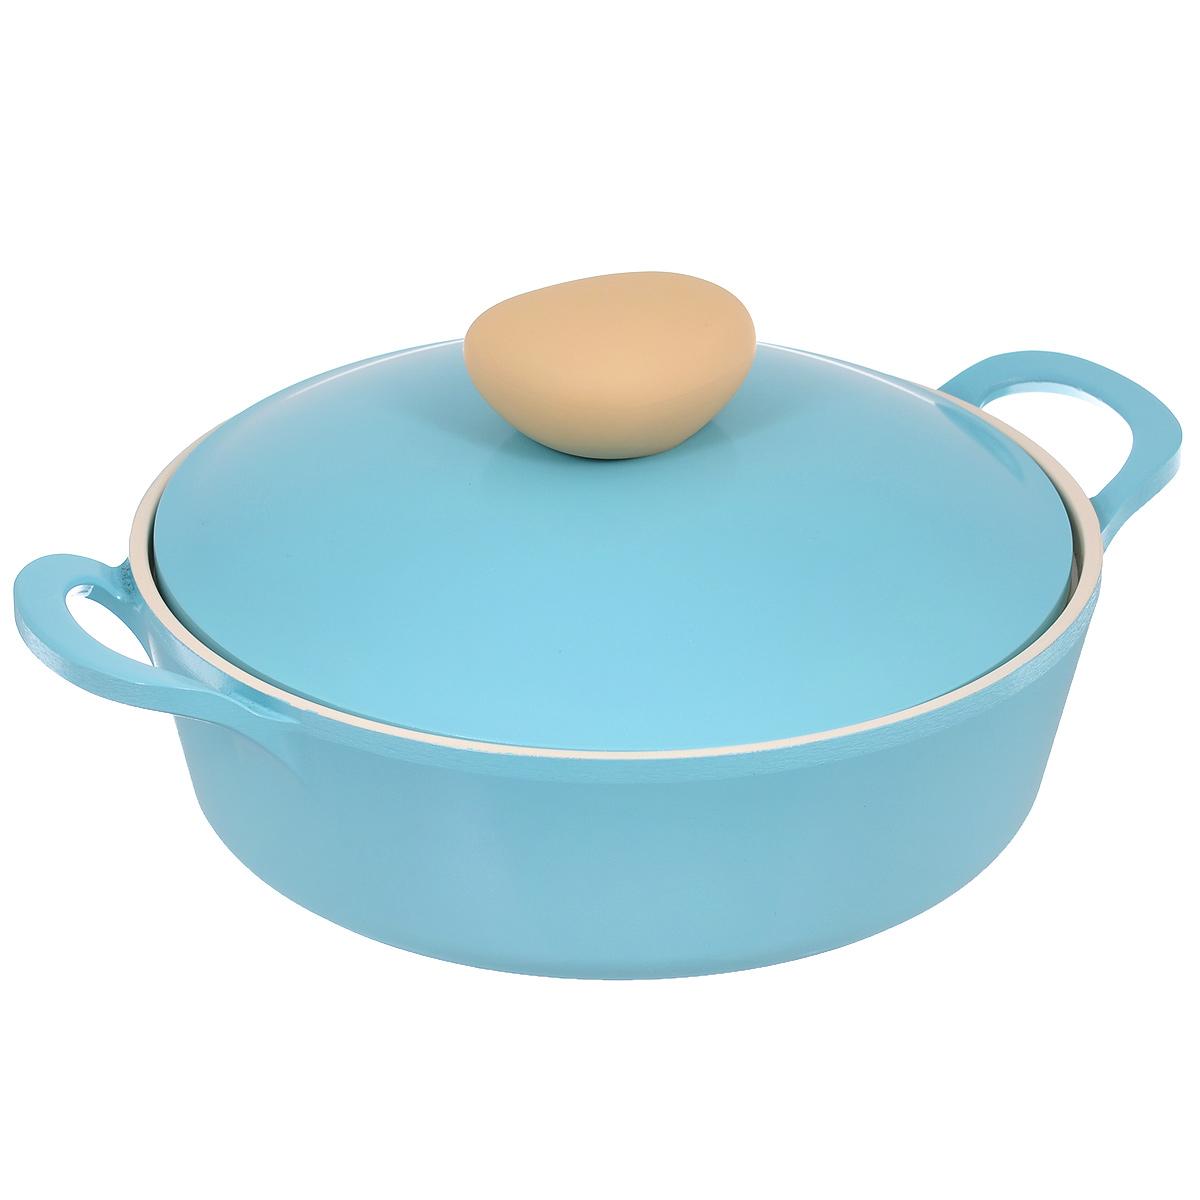 Жаровня Frybest Round с крышкой, с керамическим покрытием, цвет: голубой, 2 лROUND L22-BЖаровня Frybest Round выполнена из алюминия с внутренним и внешним керамическим покрытием Ecolon Superior. Такое покрытие устойчиво к повреждениям и не содержит вредных компонентов, так как изготовлено из натуральных материалов. Жаровня оснащена удобными литыми алюминиевыми ручками и крышкой с пароотводом и прорезиненной ручкой из высококачественного пластика. Коллекция Round - это сочетание непревзойденного качества и элегантности. Ключевые преимущества: - Литой алюминиевый корпус хорошо проводит тепло и равномерно нагревается, обеспечивая наиболее эффективное приготовление пищи, - Крепления ручек не имеют заклепок на внутренней стороне посуды, - Внешнее и внутреннее покрытие устойчиво к царапинам и повреждениям, - Покрытие абсолютно нейтрально и не вступает в реакцию с пищей, - Легко моется, - Утолщенное дно для лучшего распространения тепла и экономии энергии, - Благодаря равномерно прогревающейся алюминиевой...